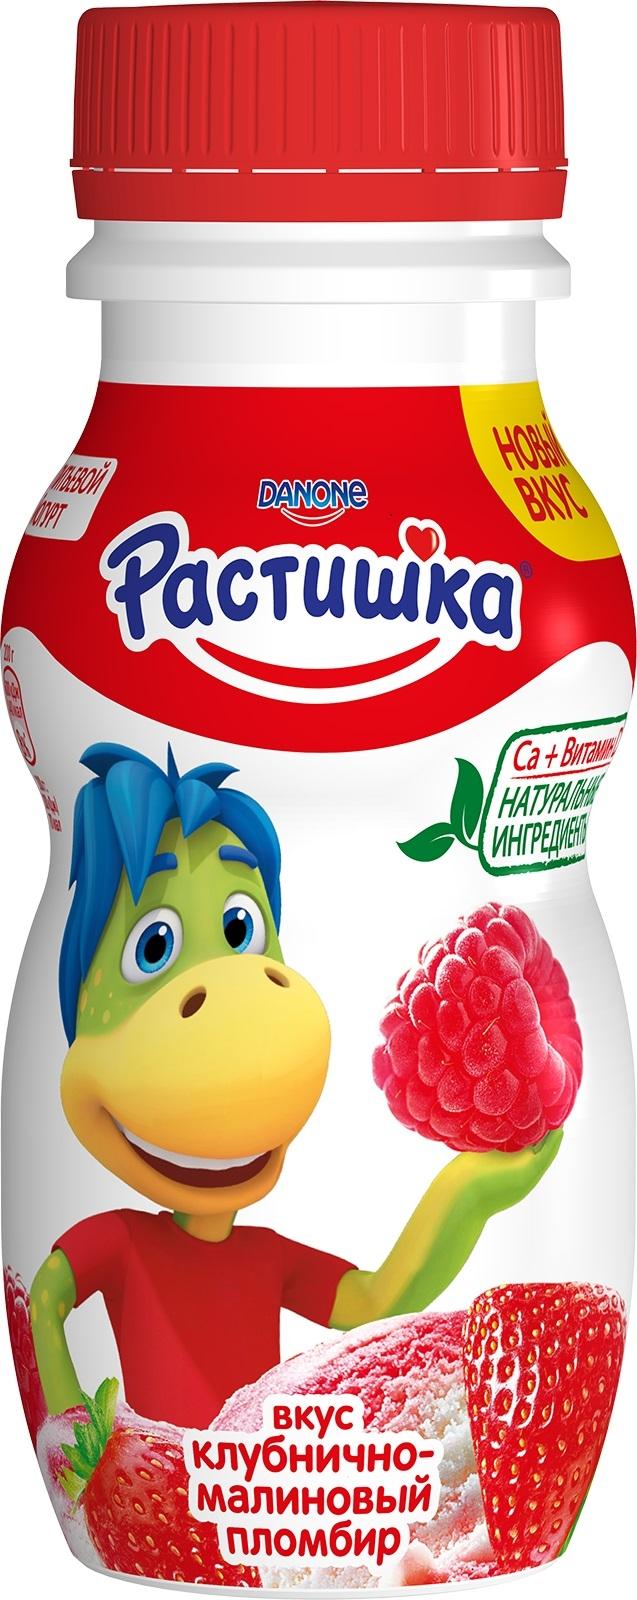 Купить Йогурт, Клубнично-малиновый пломбир 1, 6% с 3 лет 200 мл, 1шт., Растишка 135940, Россия